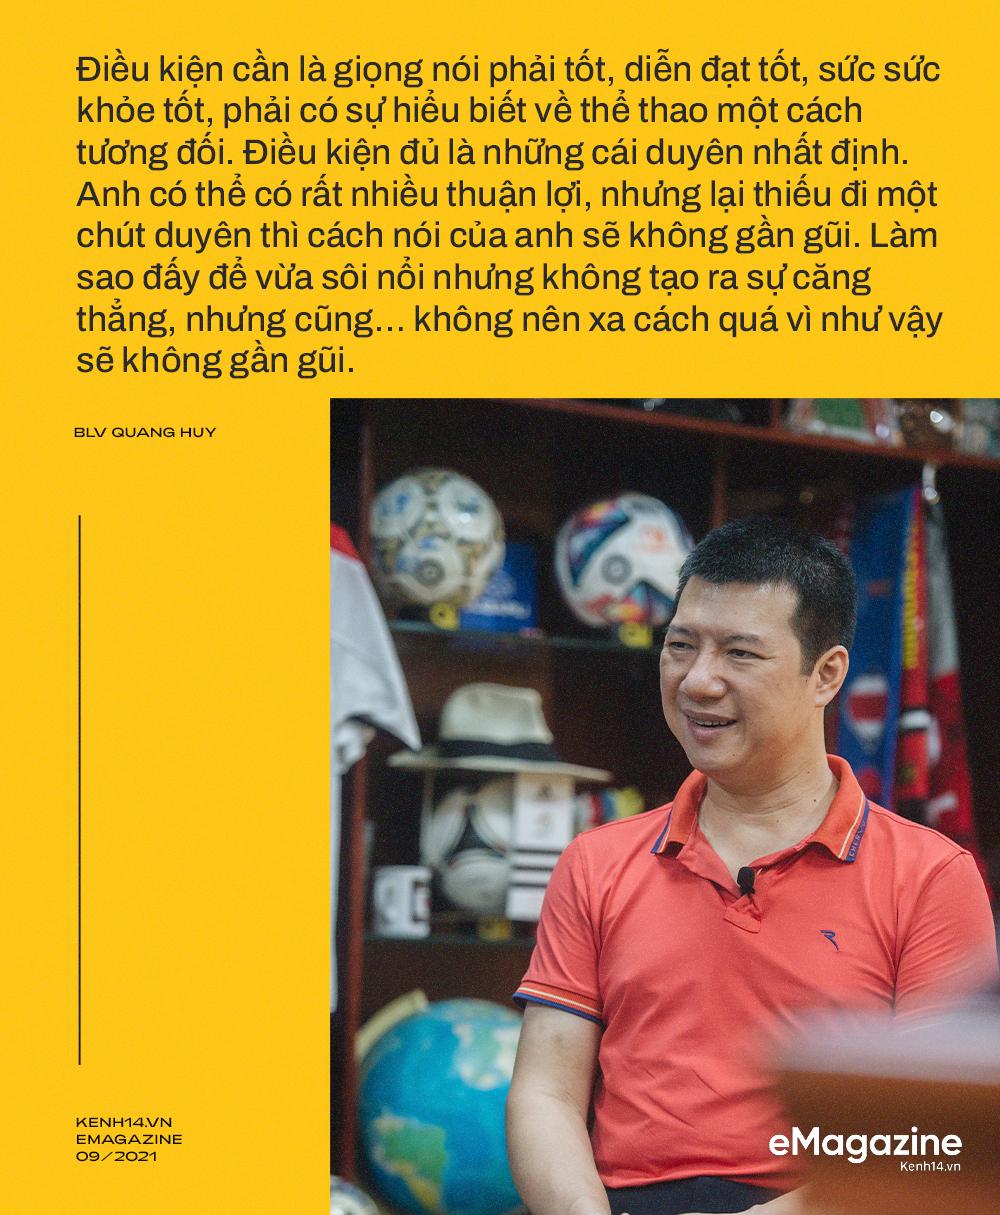 BLV Quang Huy: Tôi không thể nhớ đường nhưng sẽ nhớ tên cầu thủ mới, trận đấu nào quá nhiều cảm xúc tôi sẽ ngủ lại cơ quan - Ảnh 13.